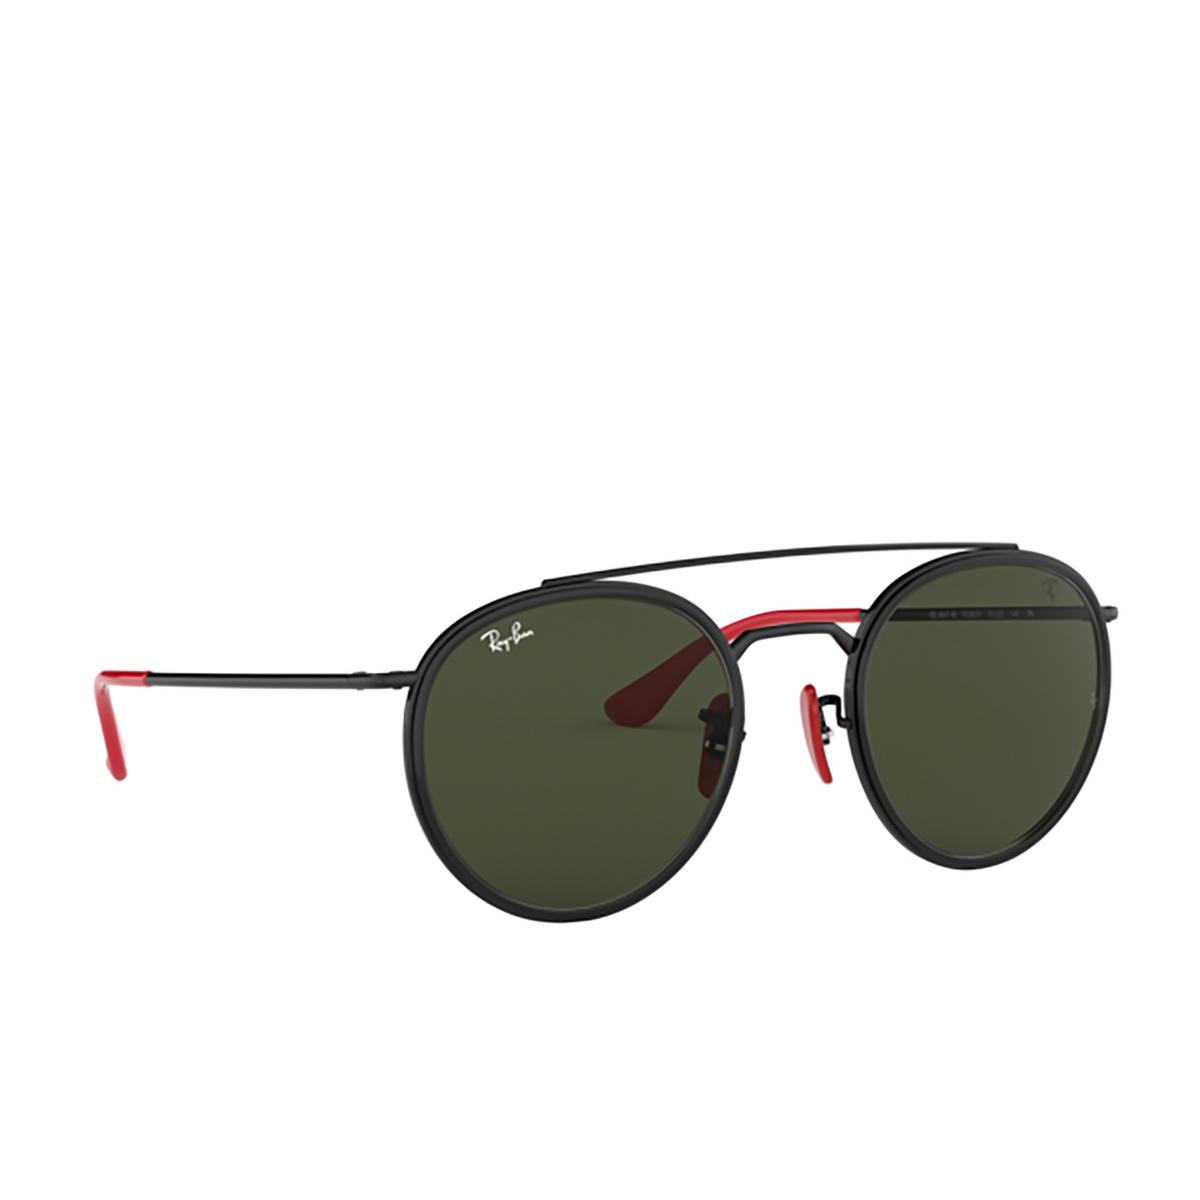 Ray-Ban® Round Sunglasses: Ferrari RB3647M color Black F02831 - 2/3.